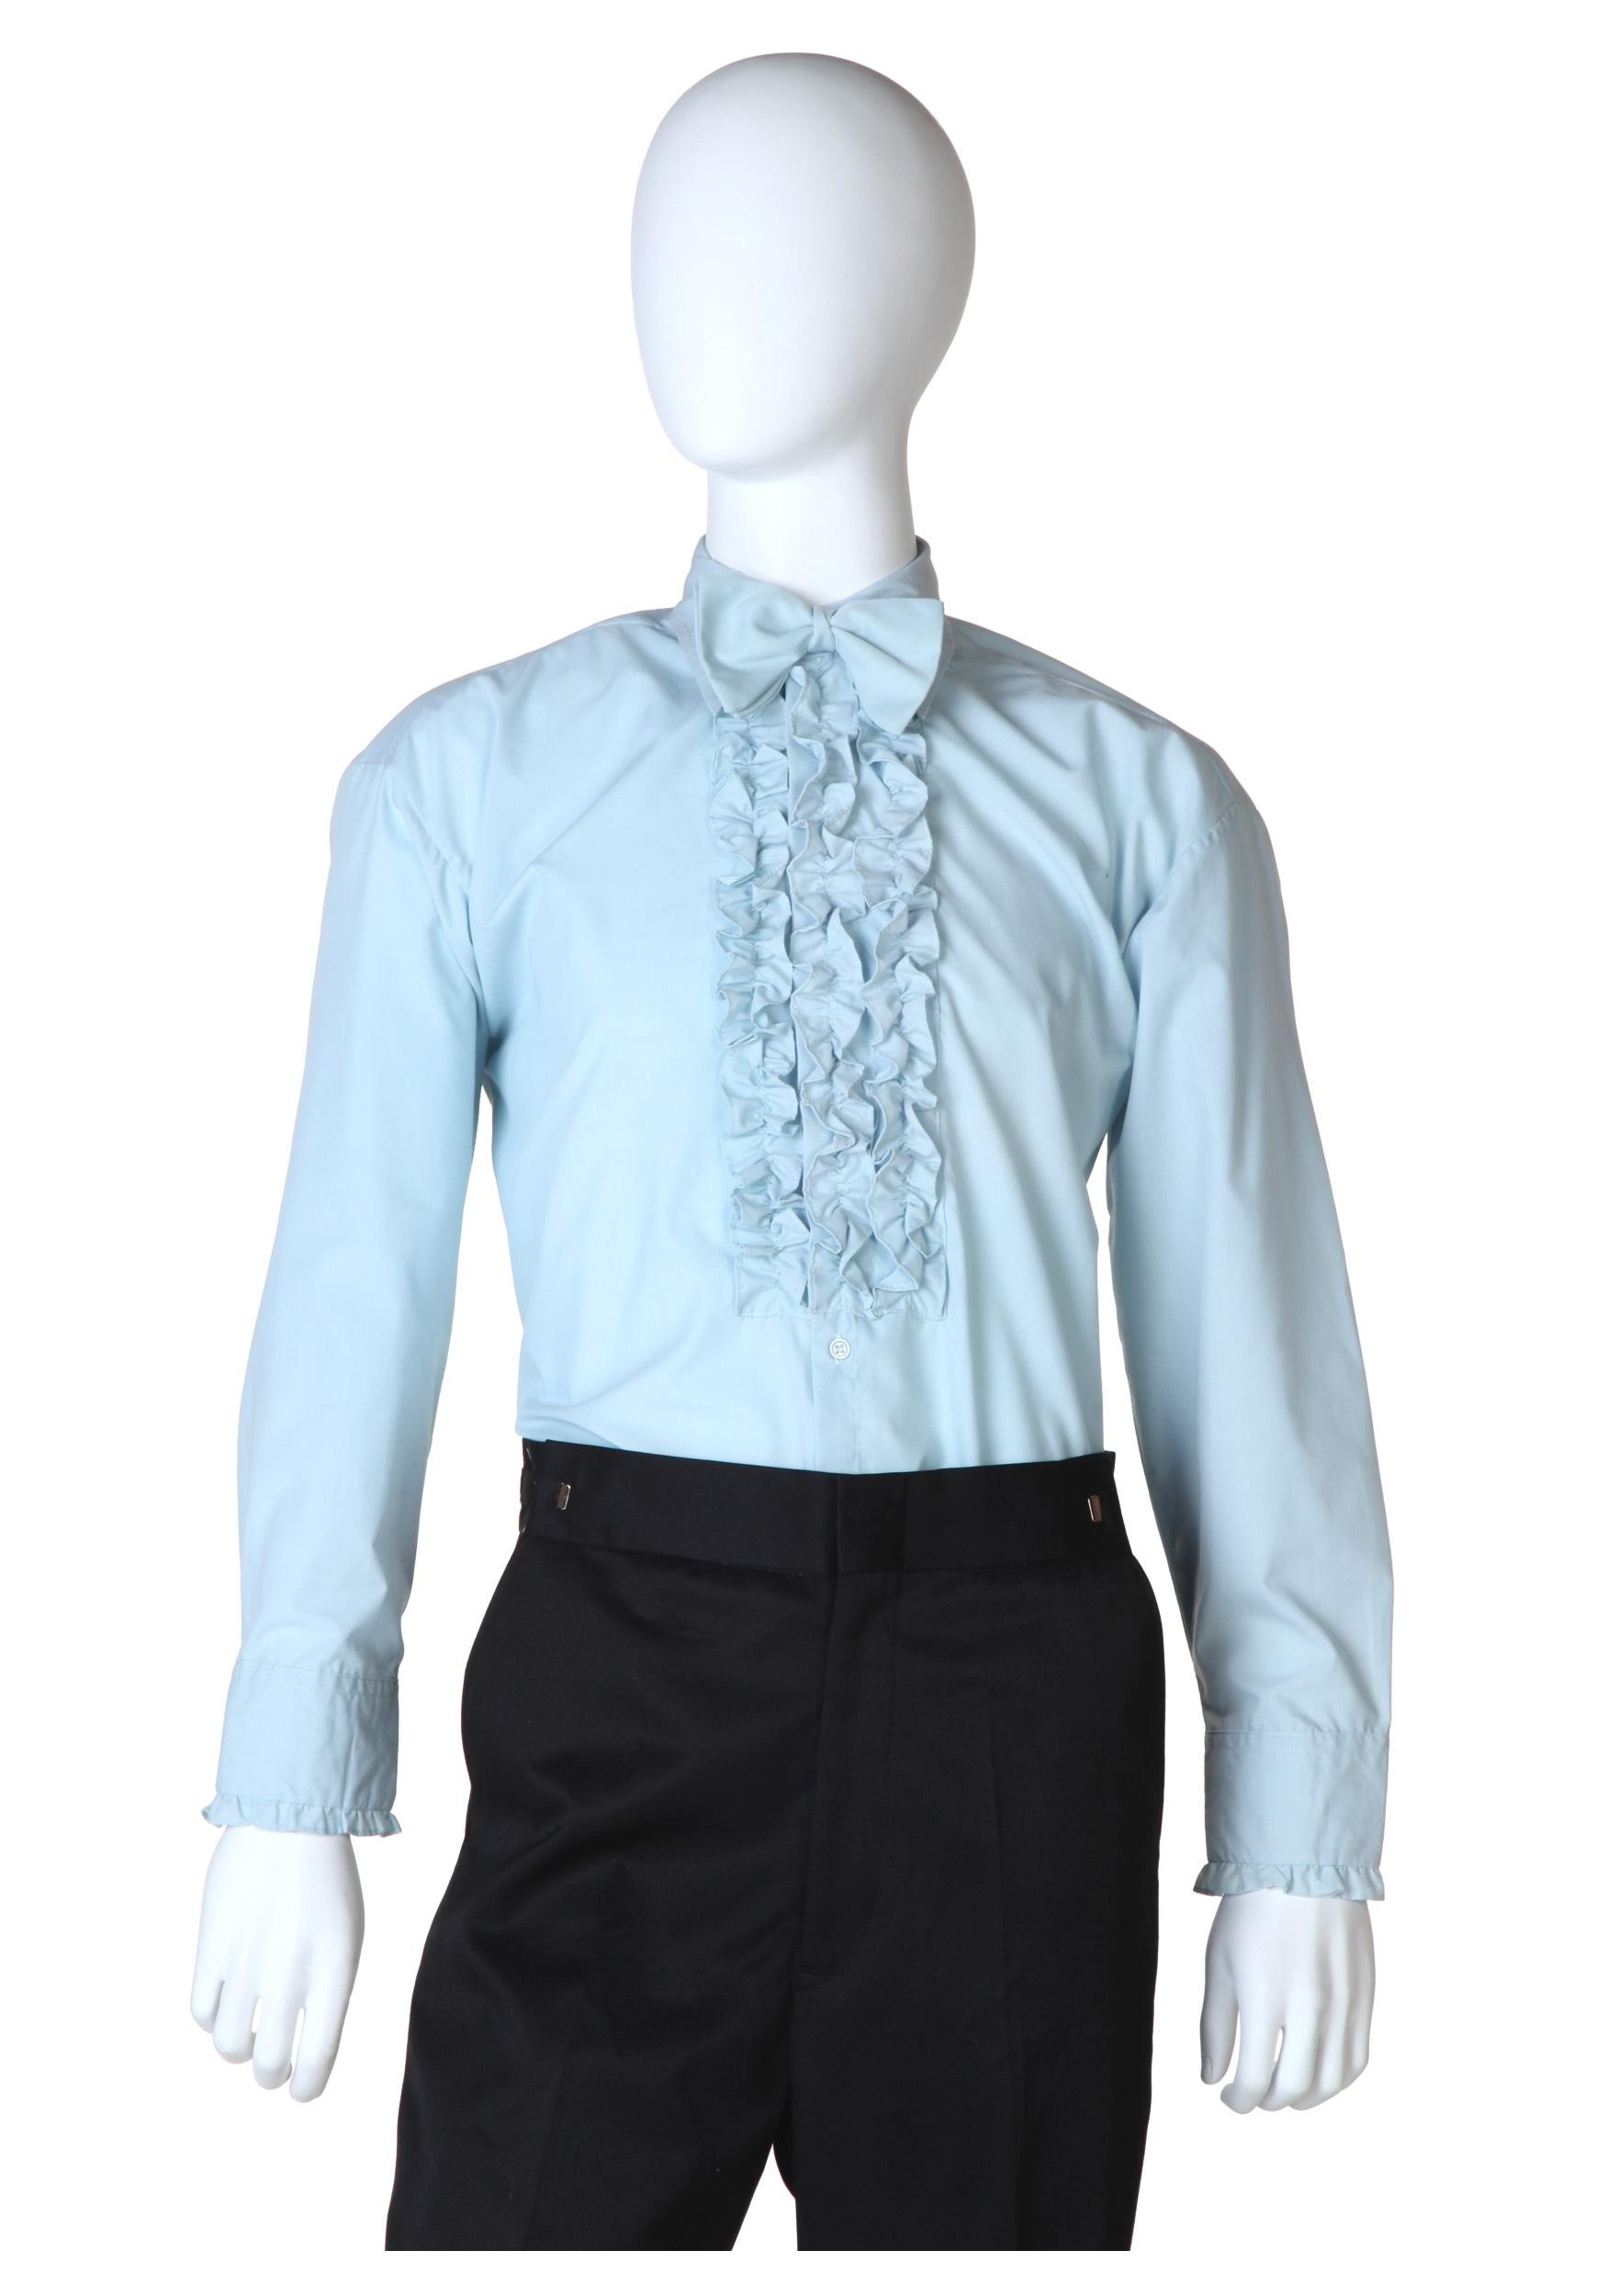 Ruffled Tuxedo Shirt uk Ruffled Blue Tuxedo Shirt